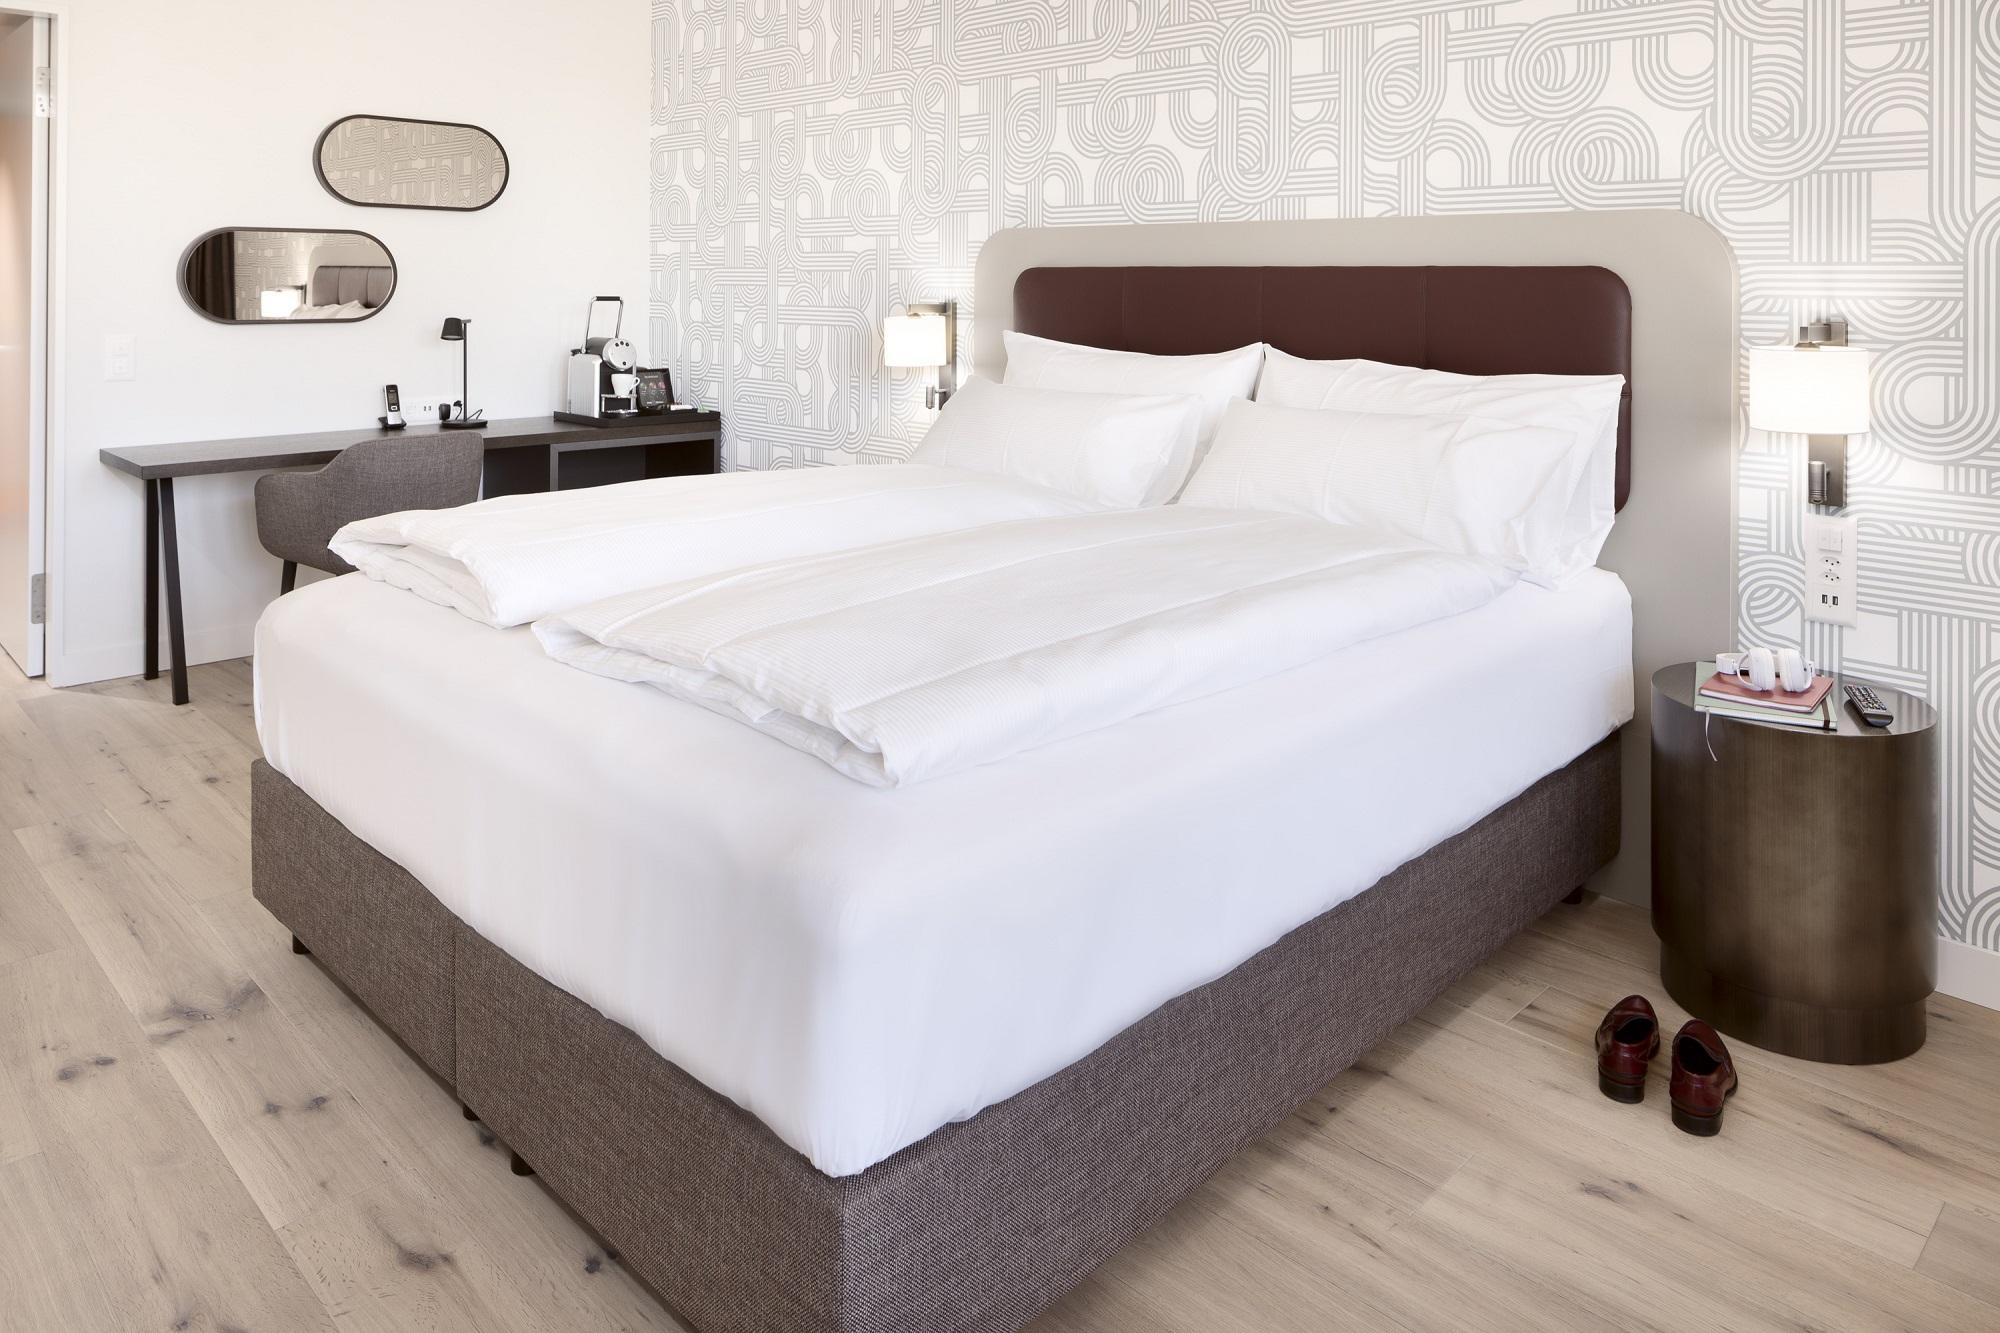 Deluxe Zimmer im Hotel Walhalla in St. Gallen